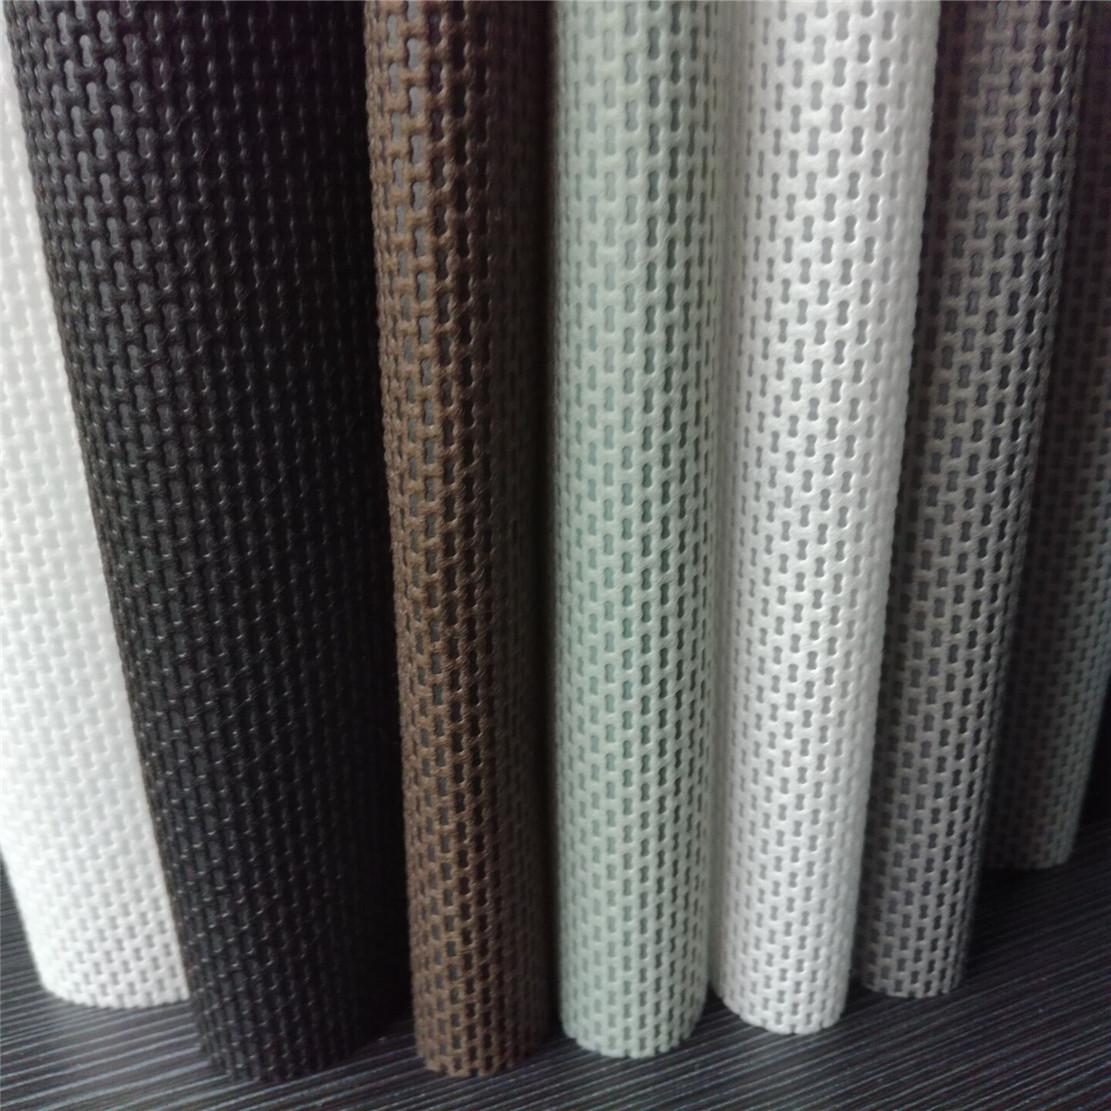 25m / rouleau spunbond non tissé / non tissé en agriculture couvre tissu 30-100gsm pour les couvertures contre les mauvaises herbes / uv traiter des tissus non tissés